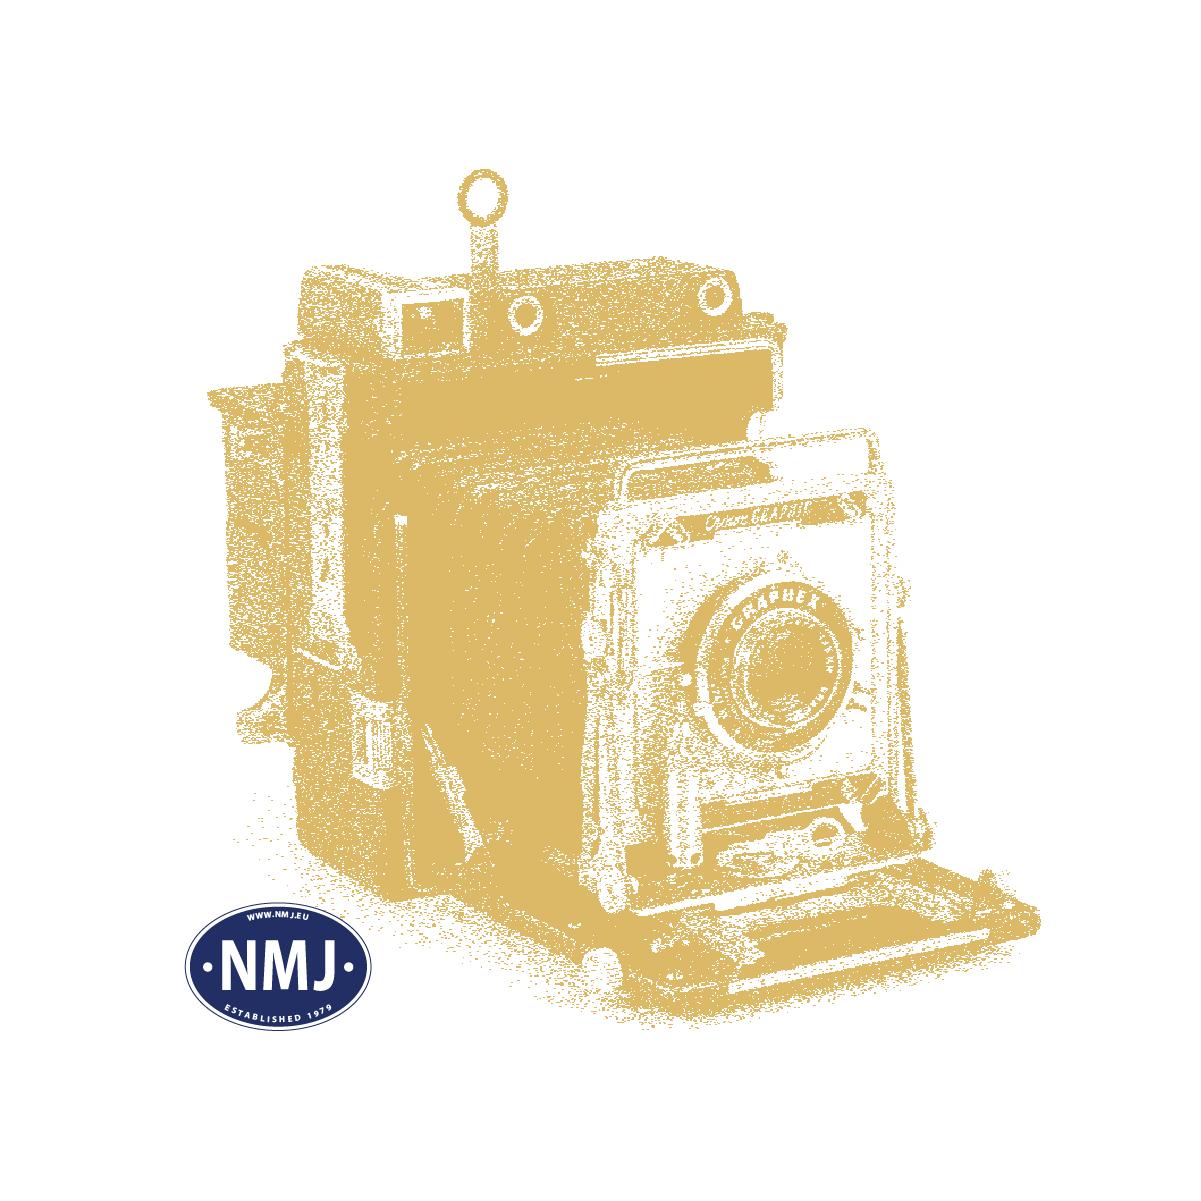 NMJB1117 - Grosser Schneeplug, NSB, 2 Stück